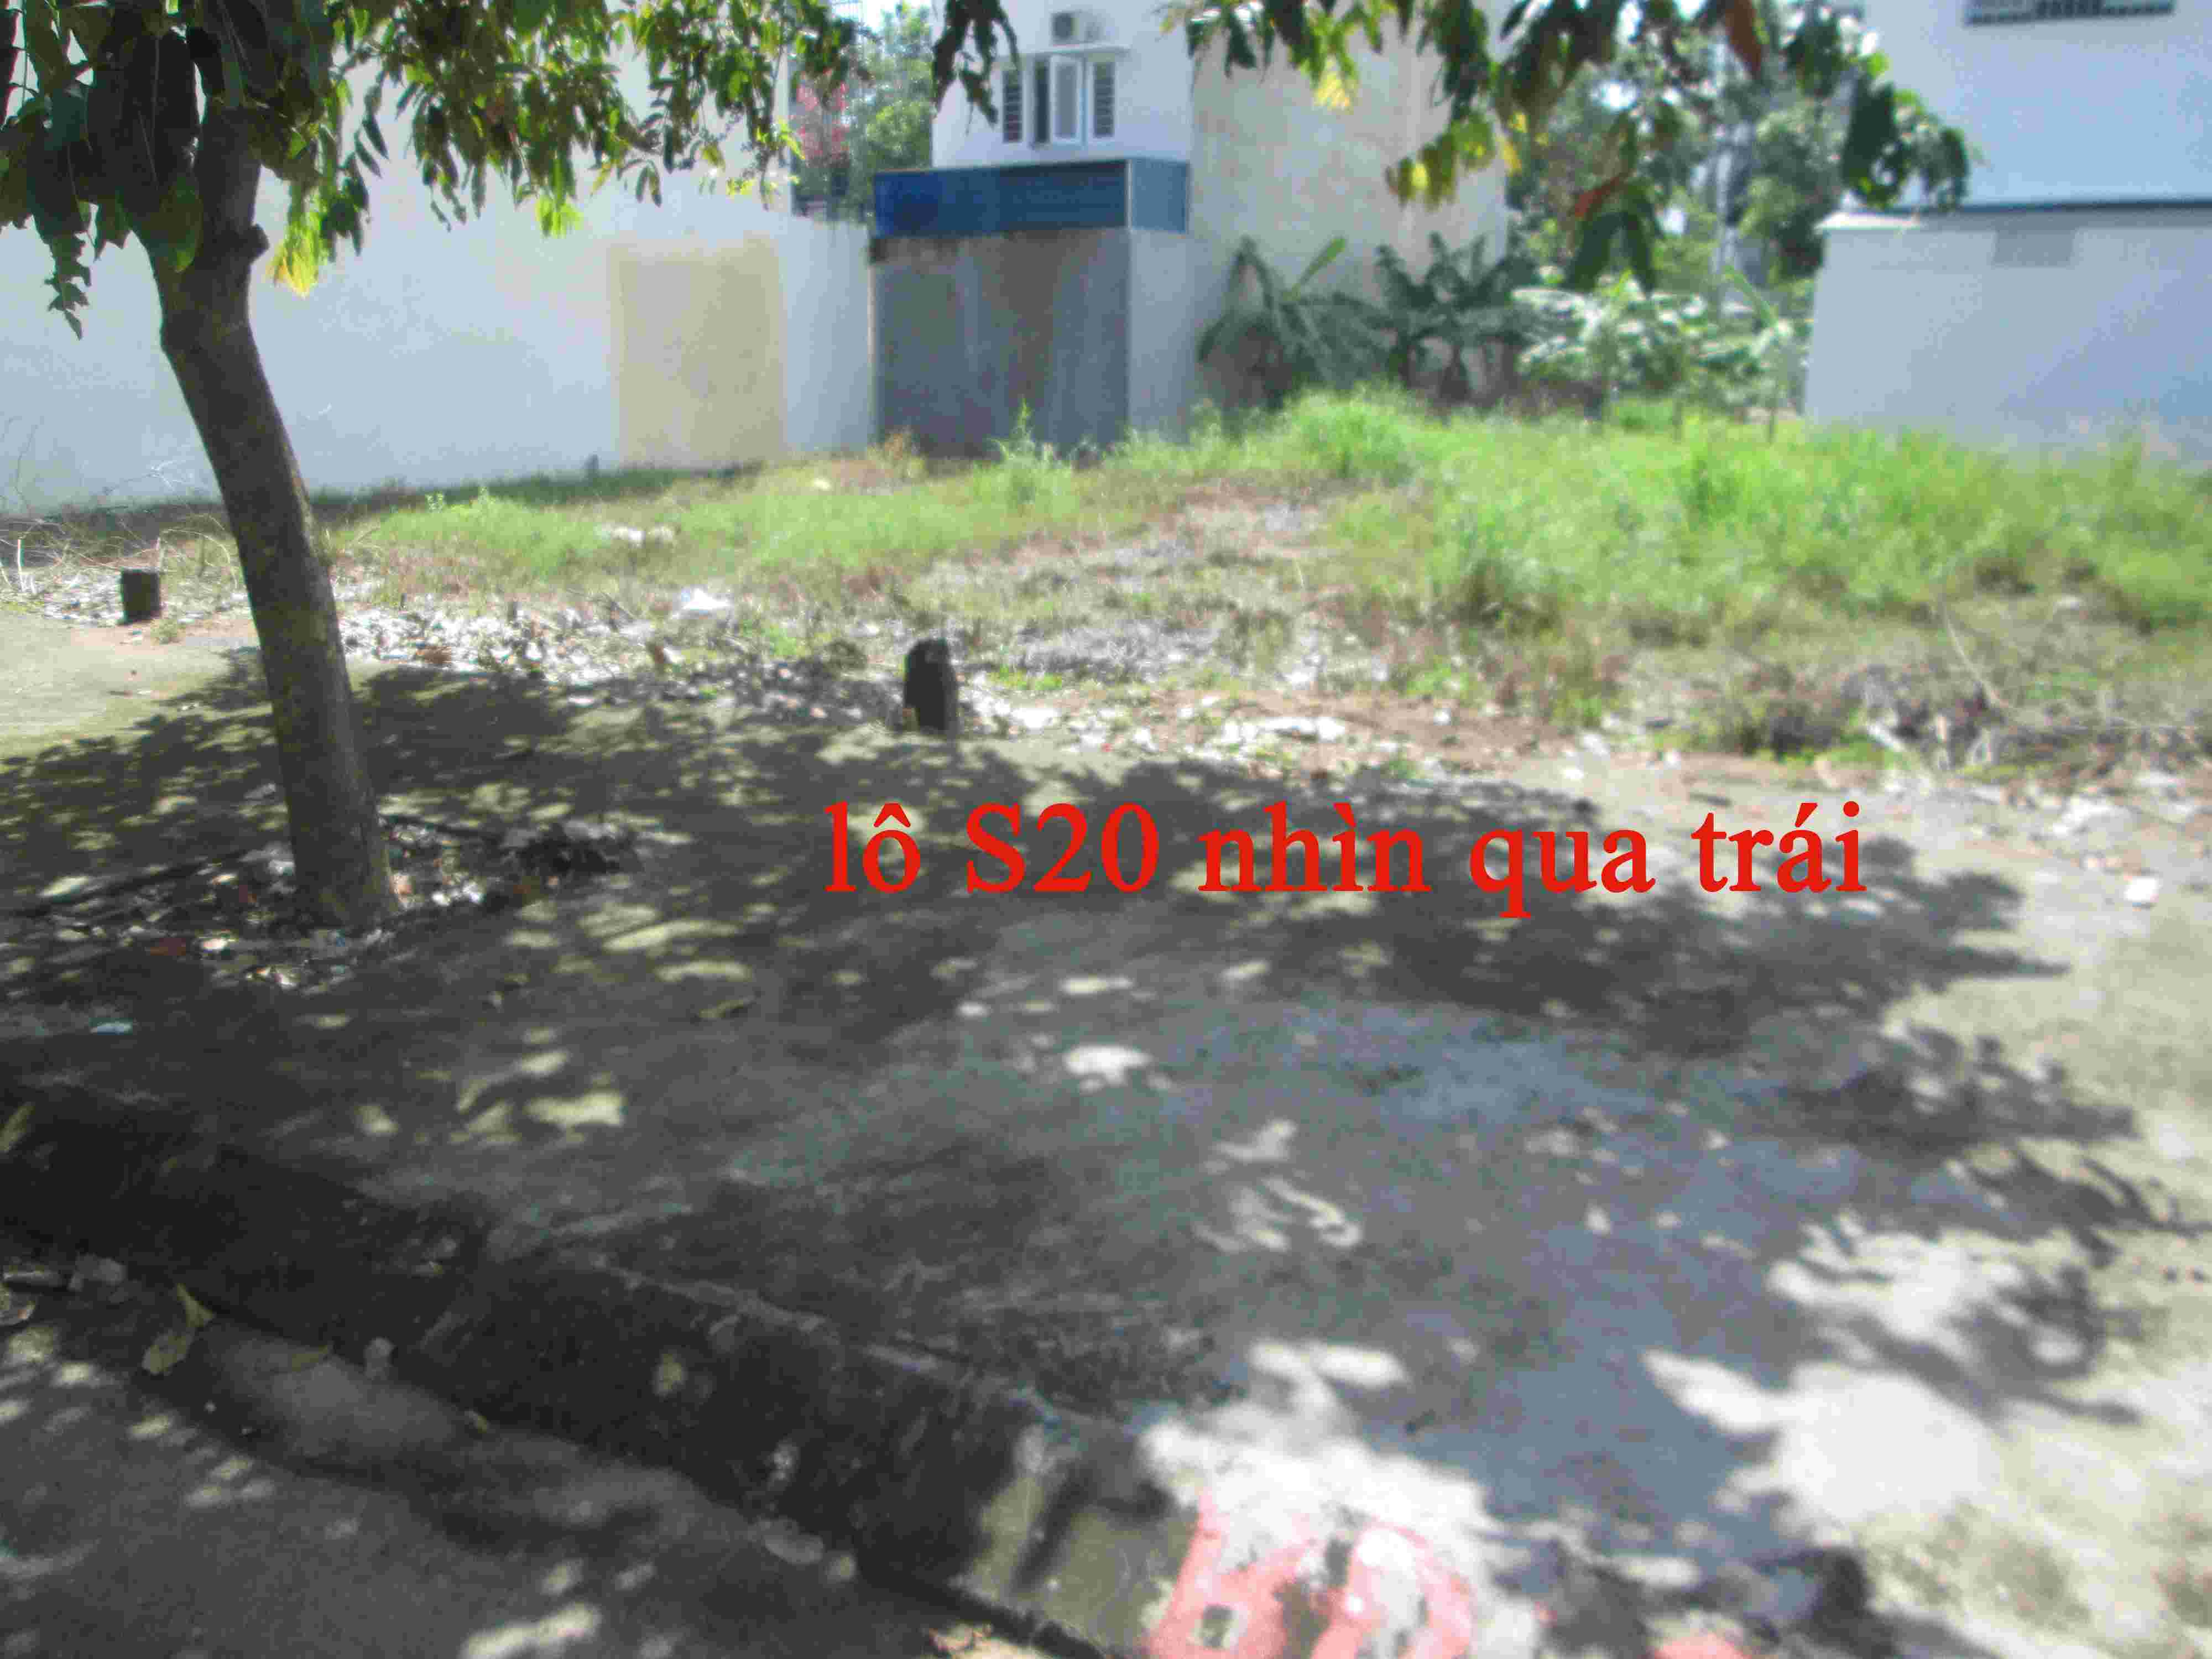 Cần bán nền đất khu dân cư Sadeco Phước Kiển A, nền T16, sổ đỏ, 95m2 , đường 12m ,hướng ĐN, giá 72 trieu/m2.. LH: 0913.050.053